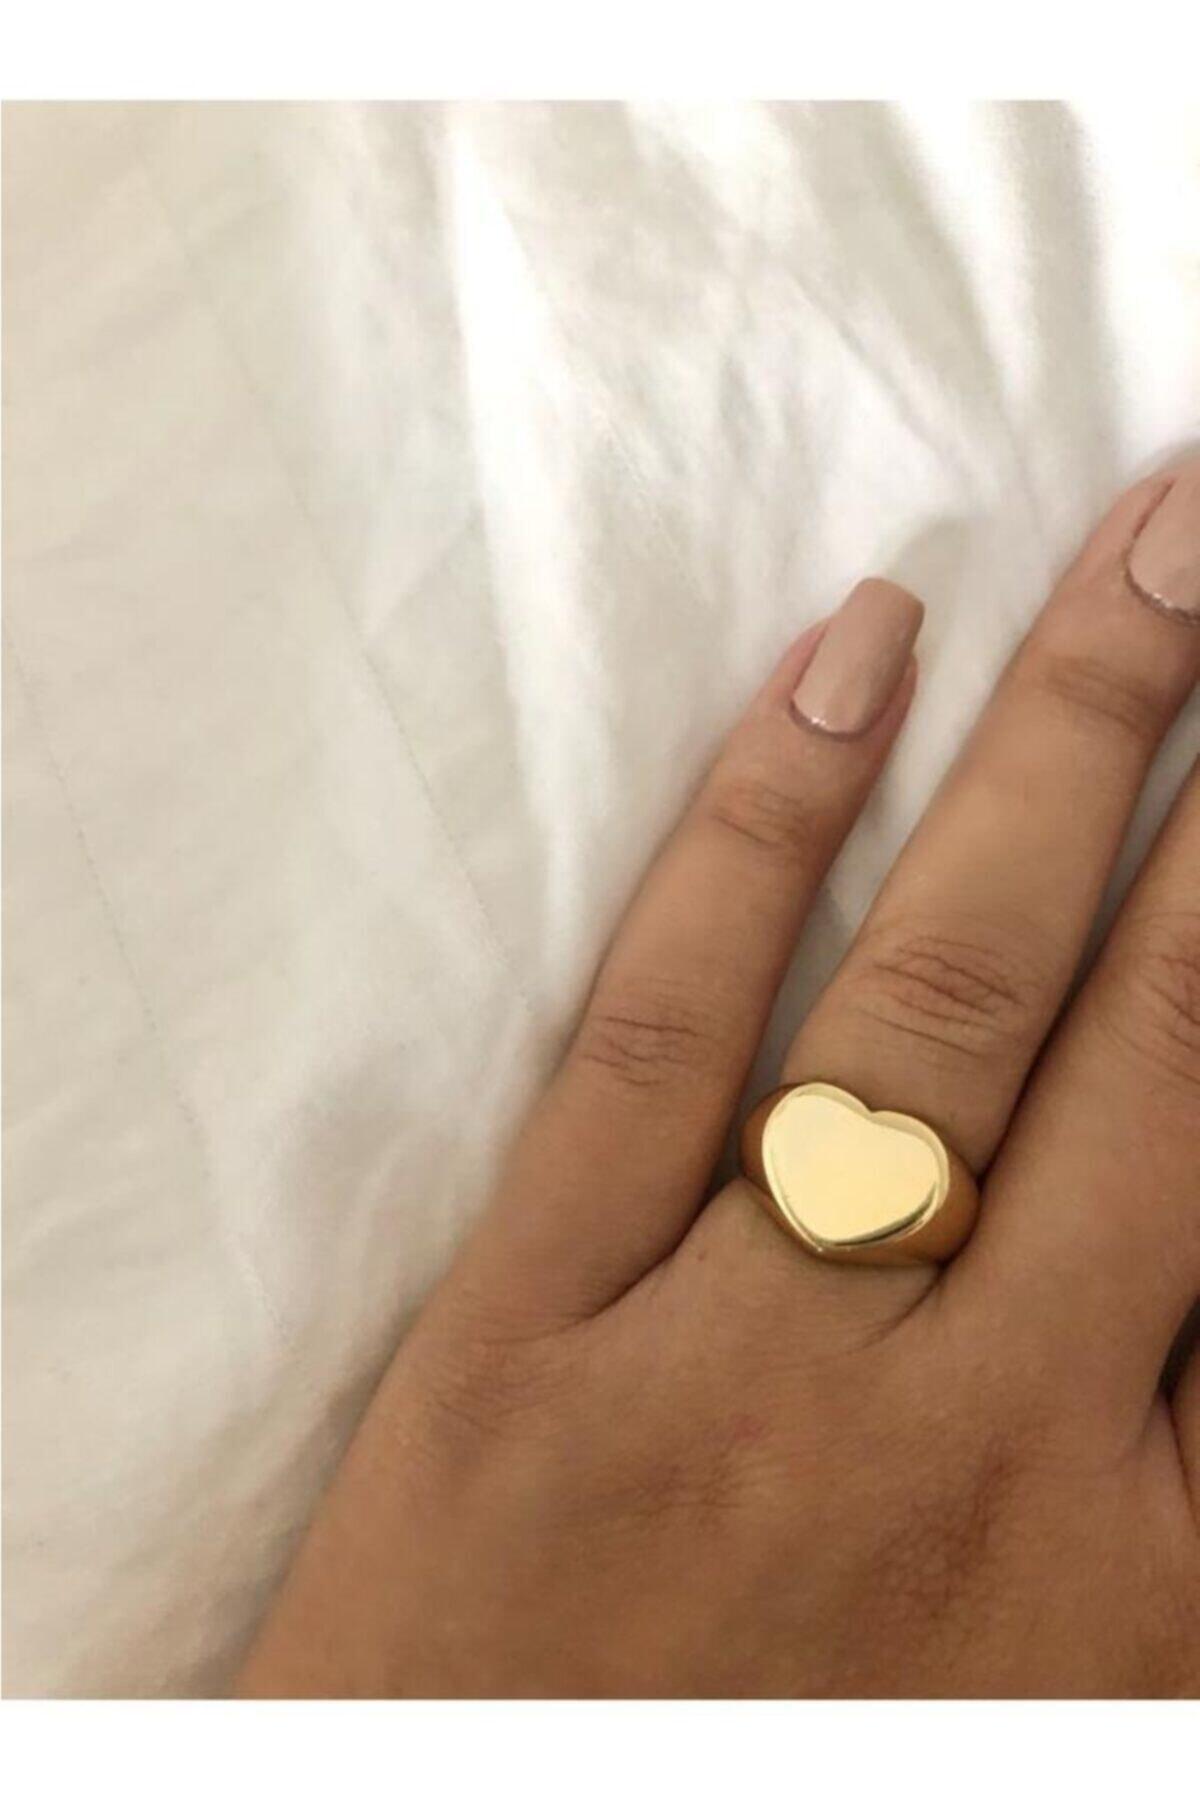 The Y Jewelry Kadın Altın Kalpli Plaka Yüzük 2